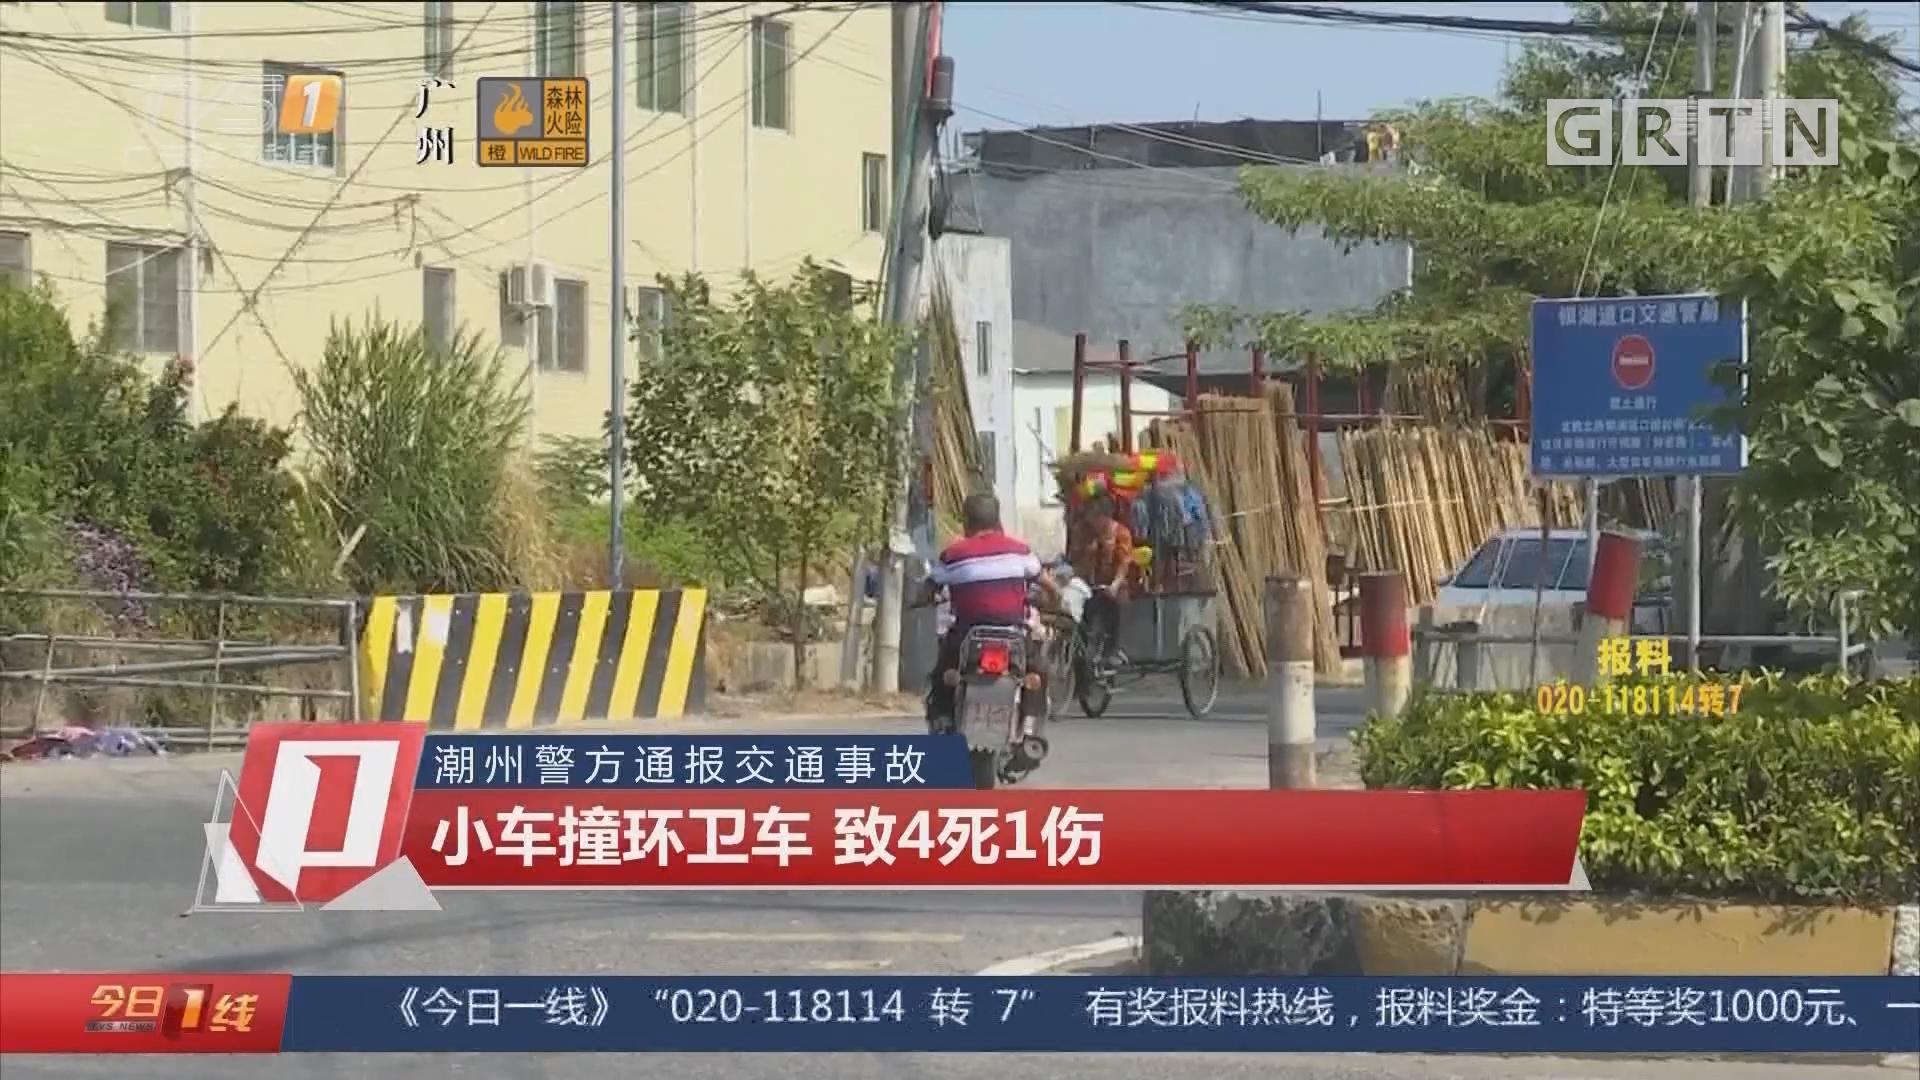 潮州警方通报交通事故:小车撞环卫车 致4死1伤